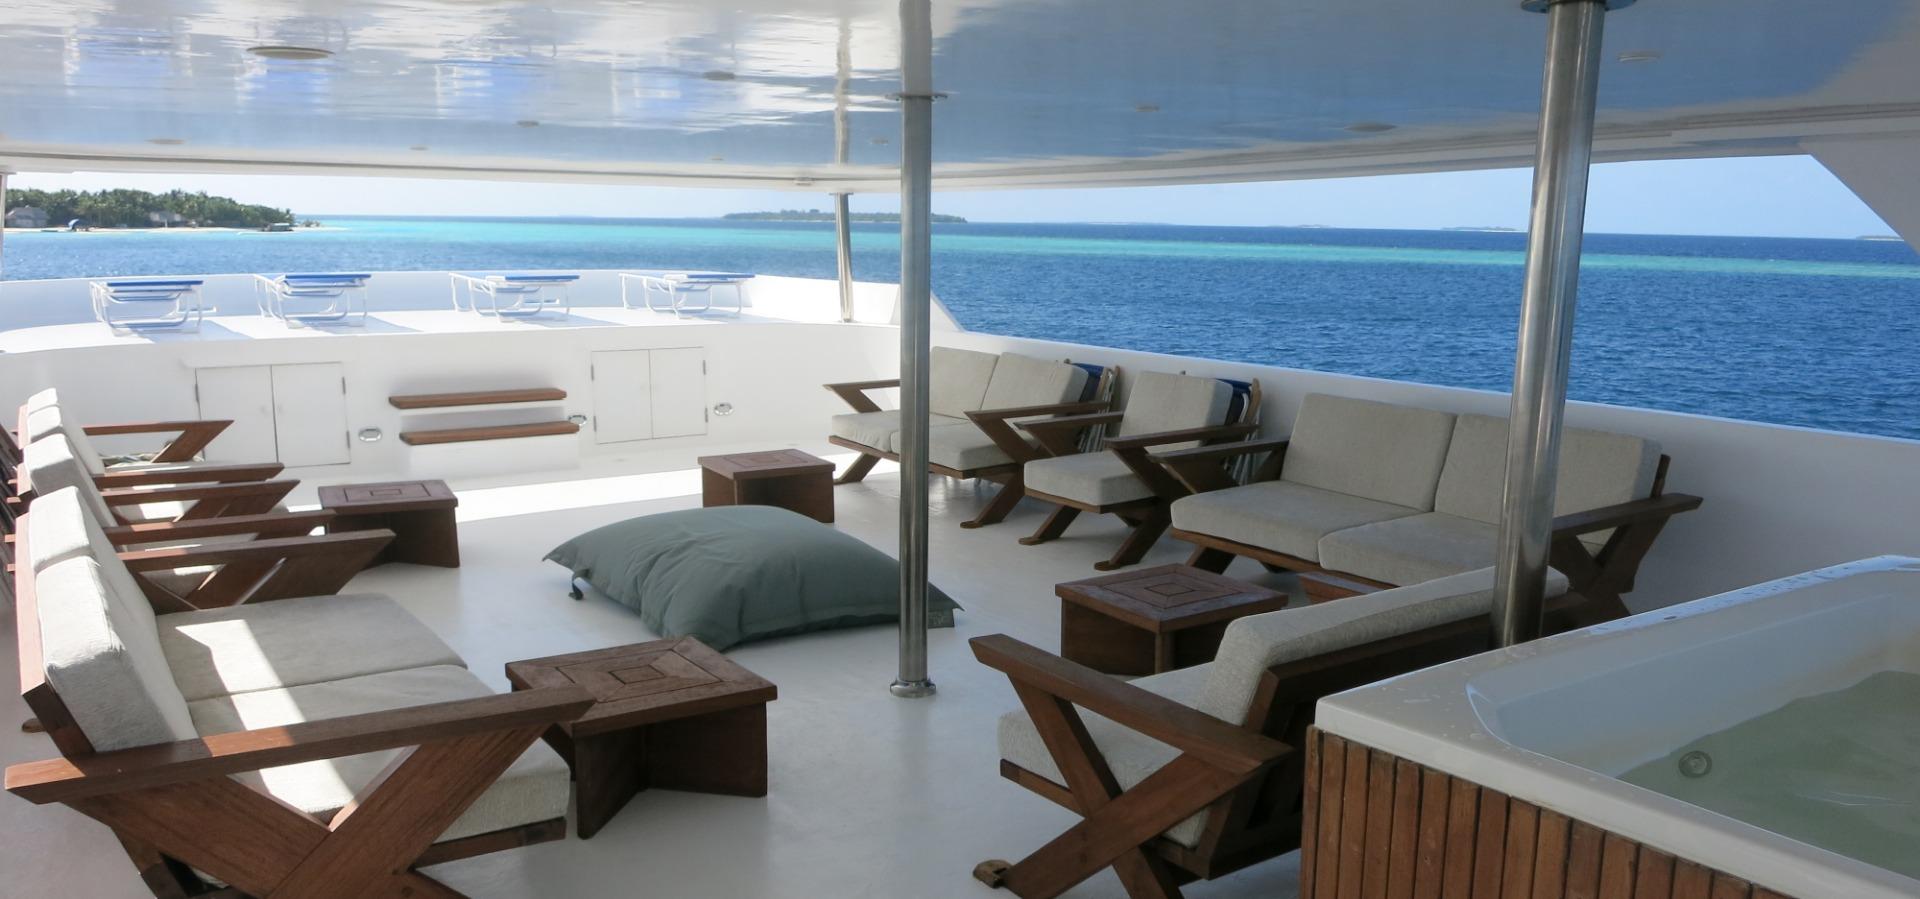 Sky deck, blue Voyager, Maldives